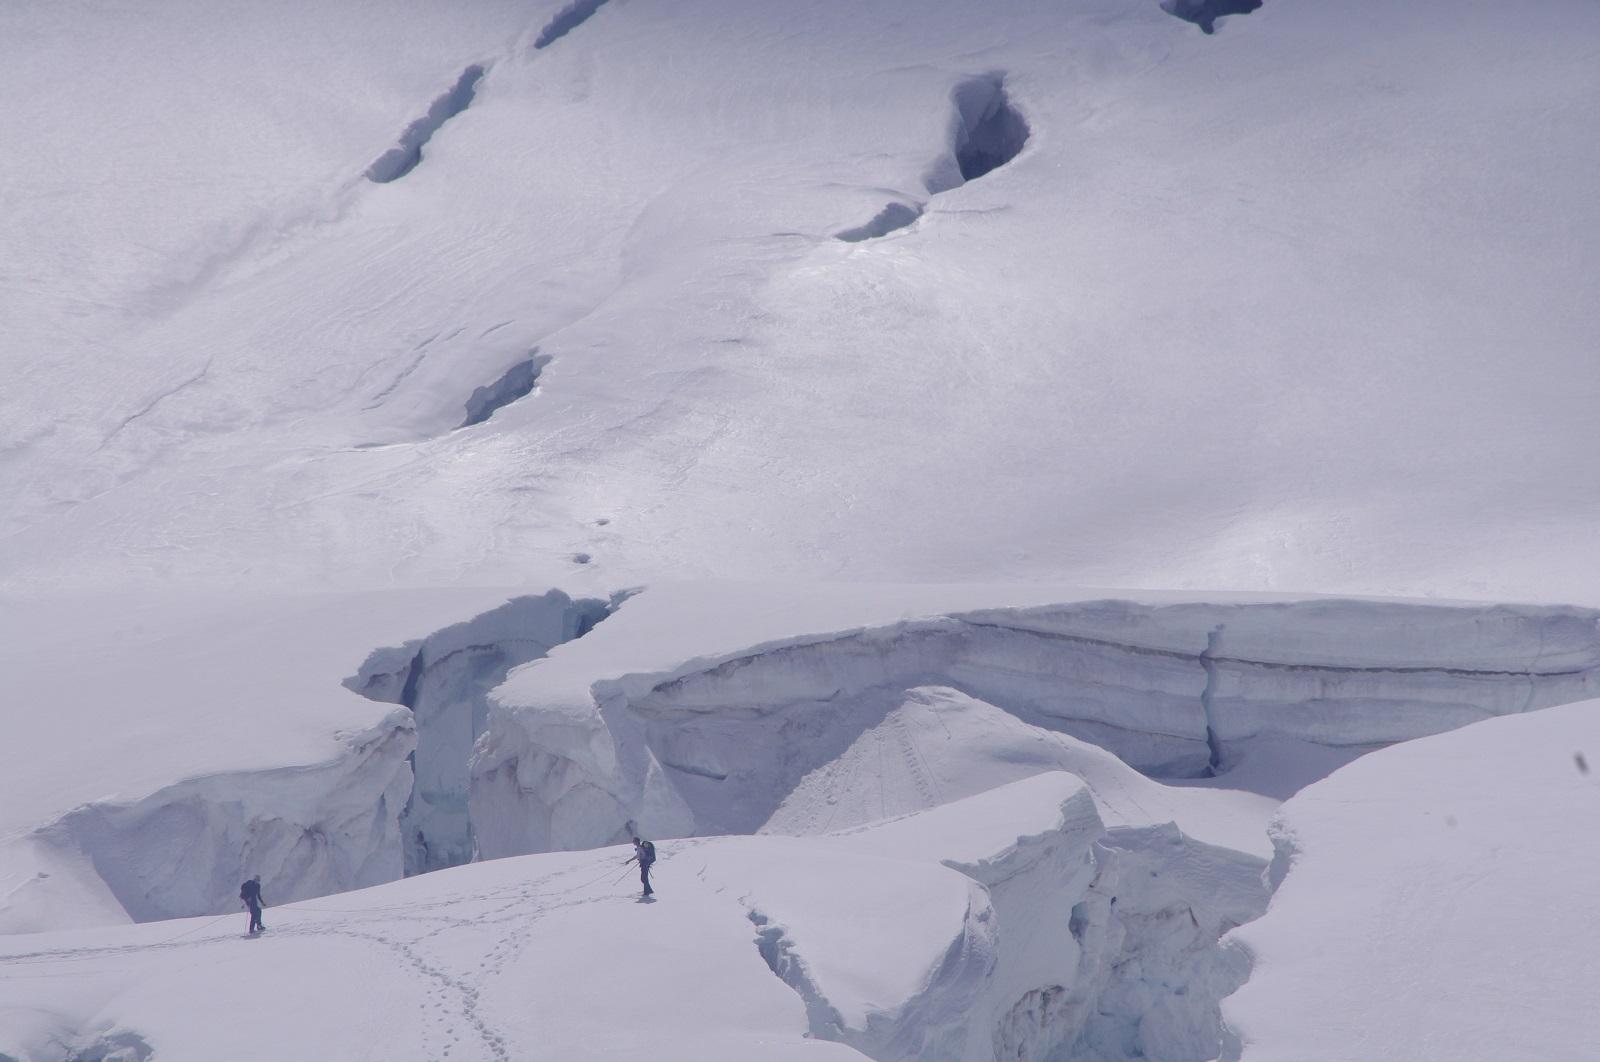 dos escaladores cerca de unas grietas de varios metros de profundidad